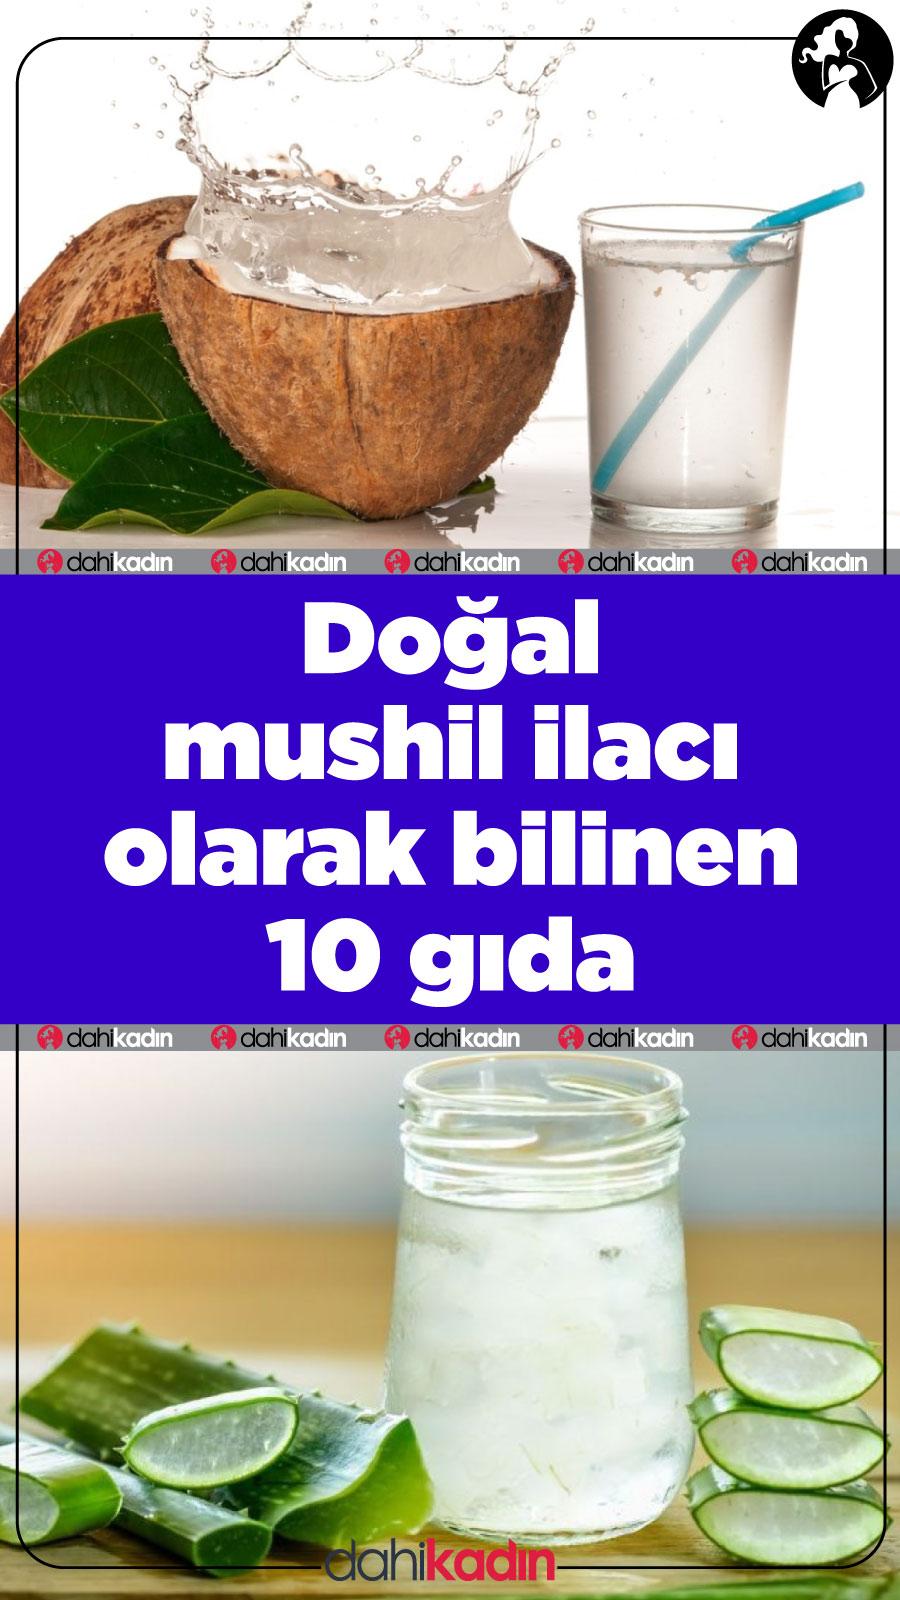 Doğal mushil olarak bilinen 10gıda